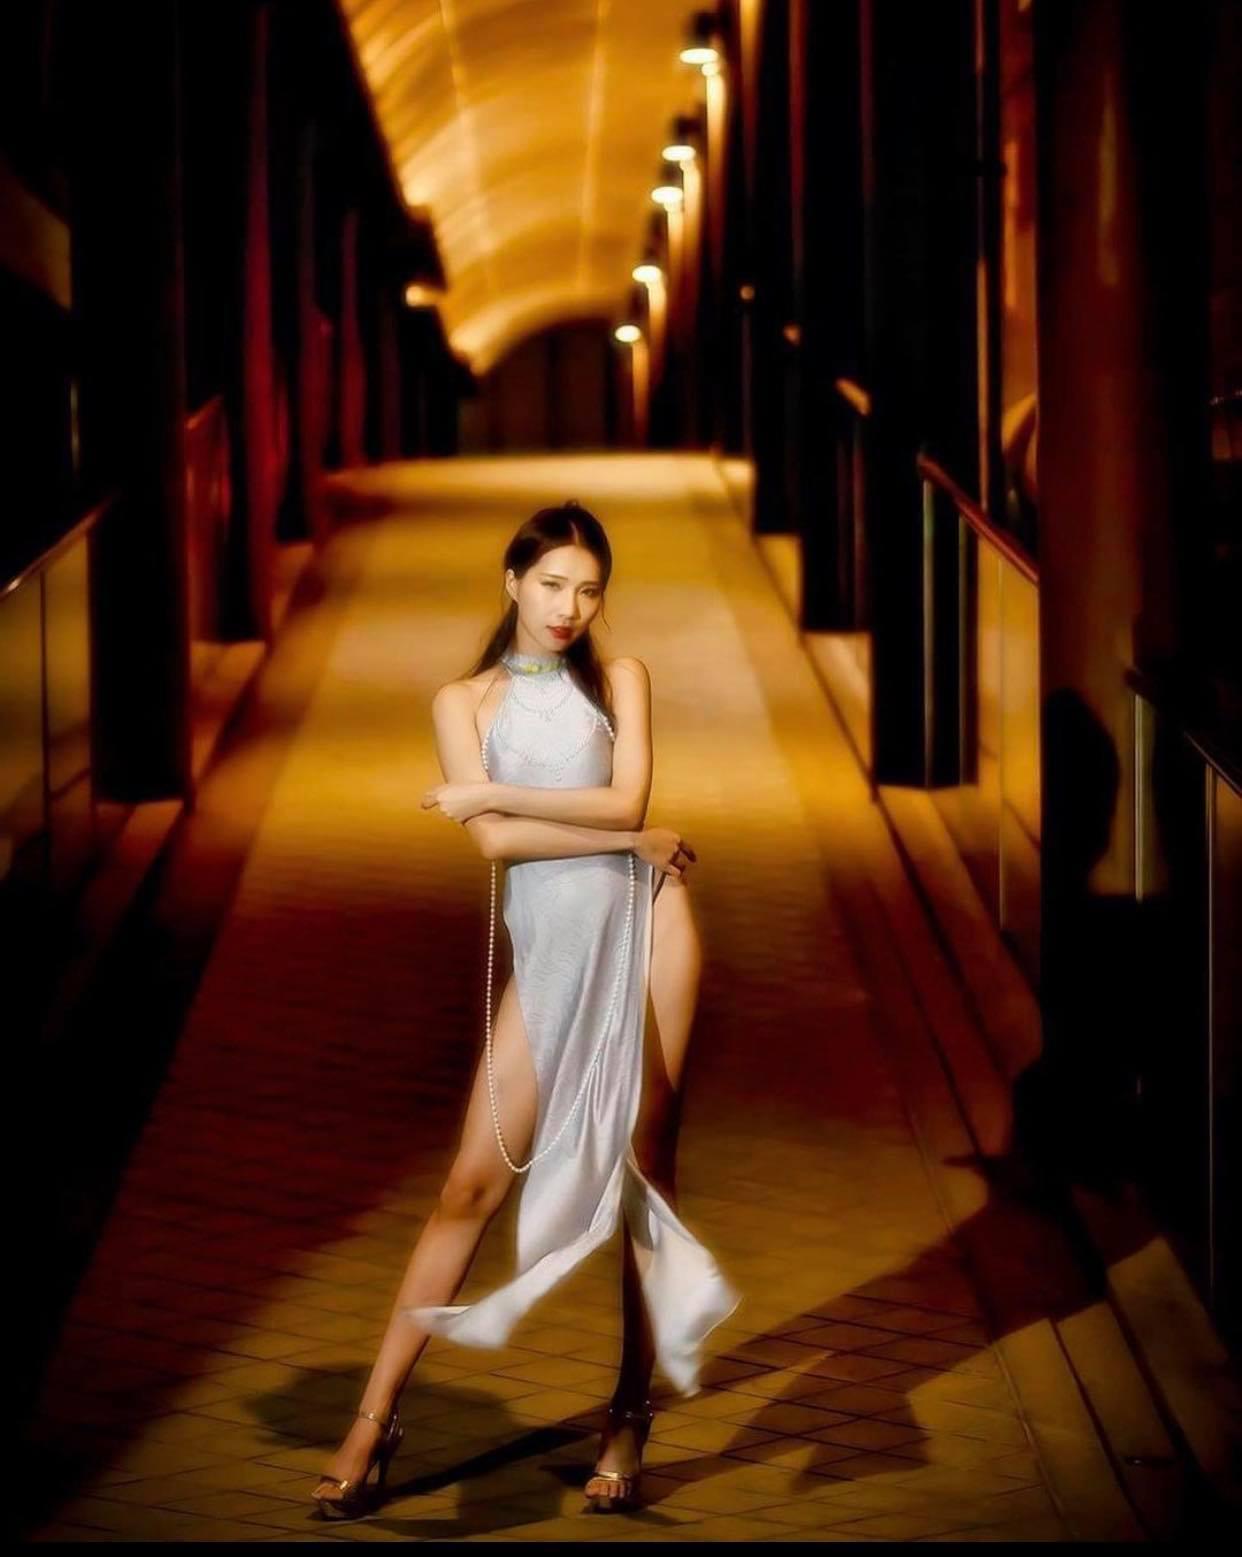 Người mẫu Đài Loan mặc áo dài theo cách thiếu văn hoá